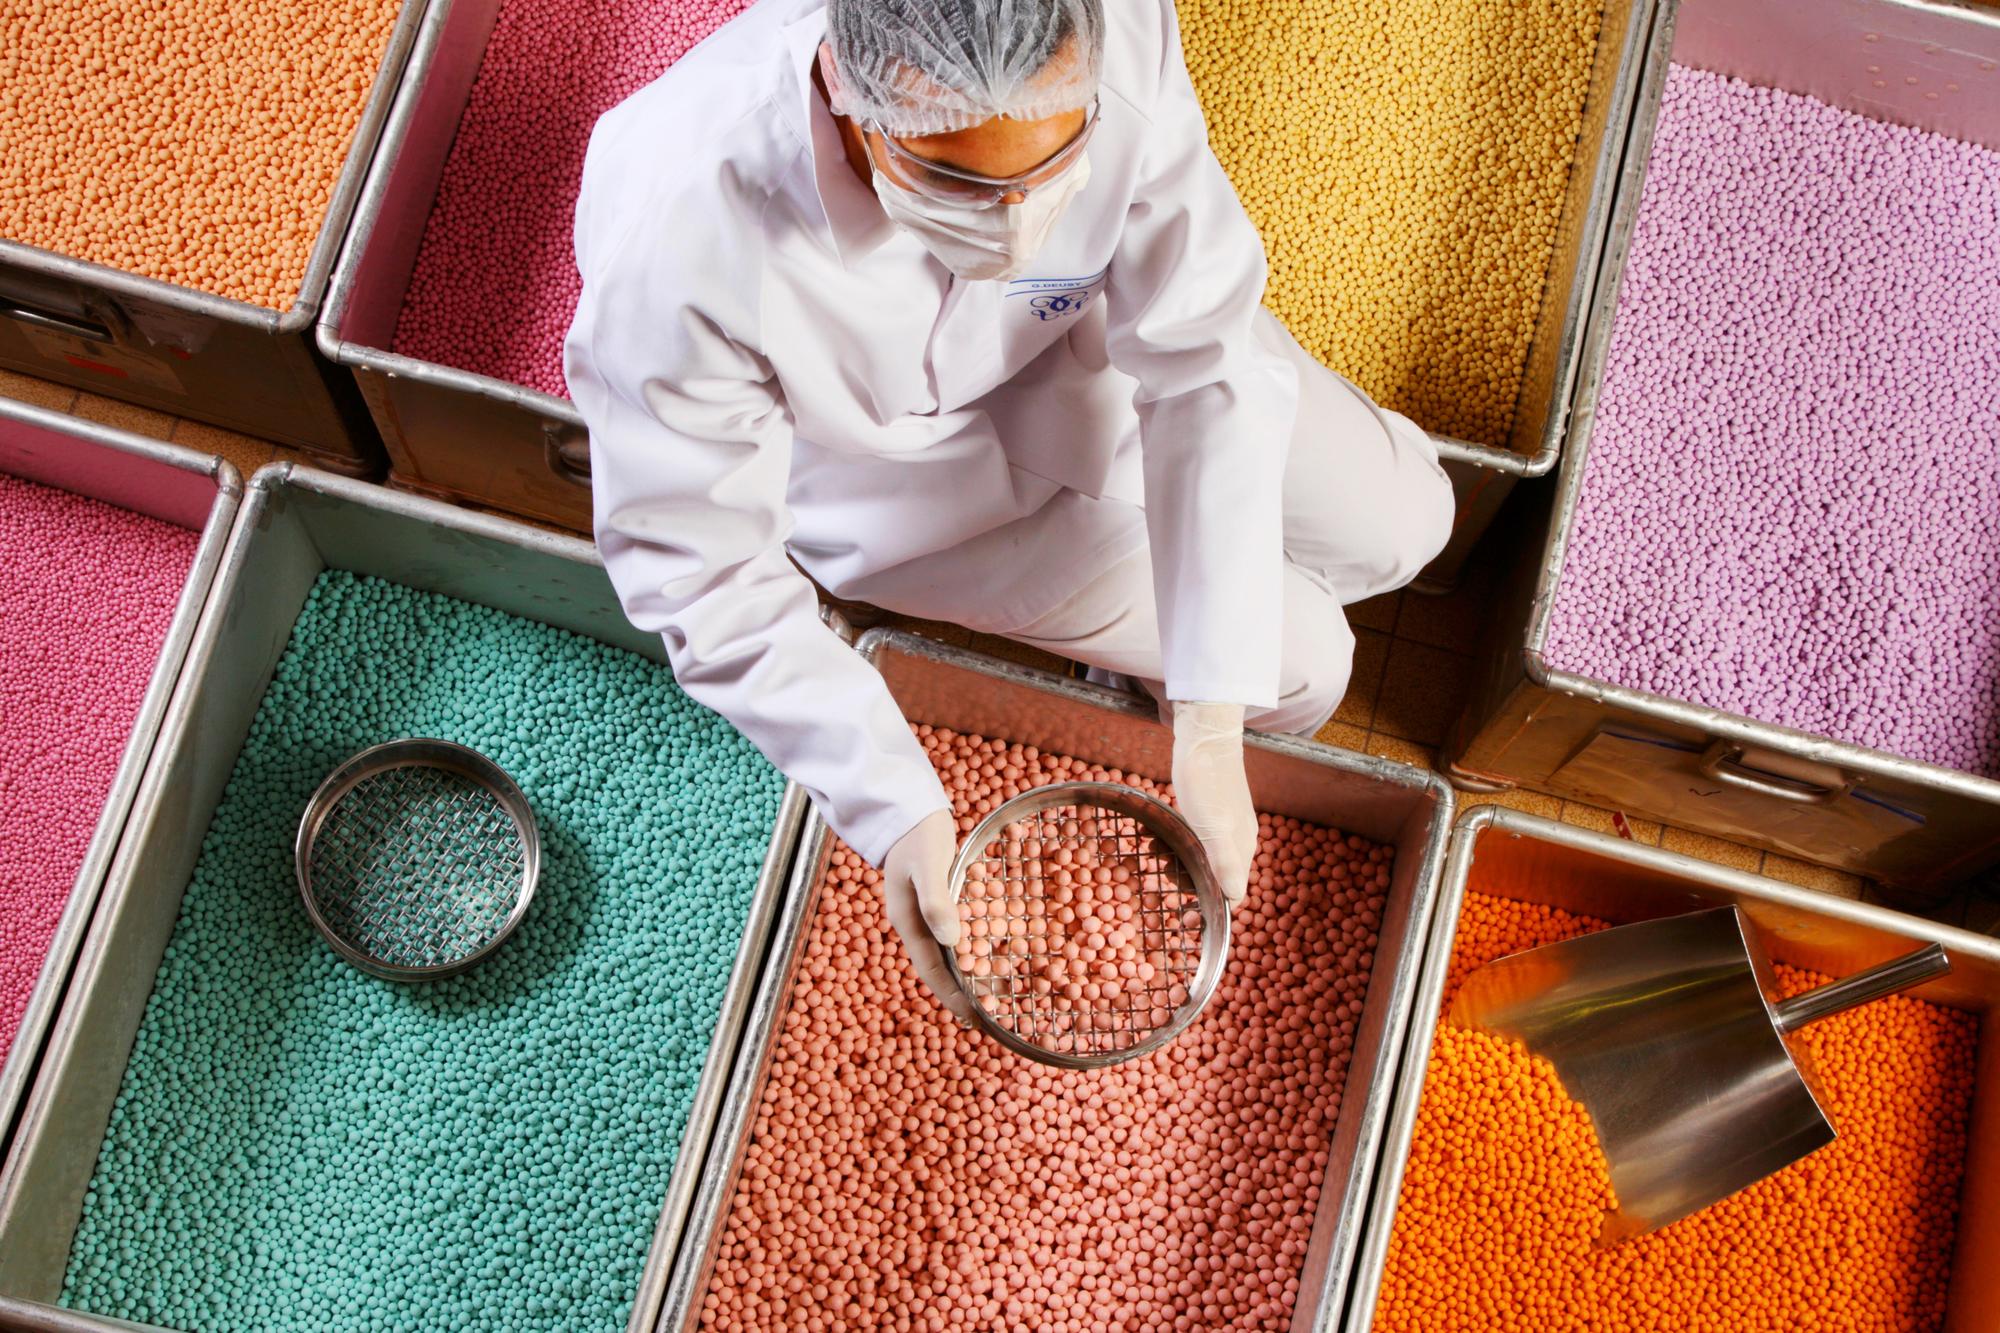 Billes de couleur permettant de nuancer un fond de teint, selon un procédé inventé par Guerlain.